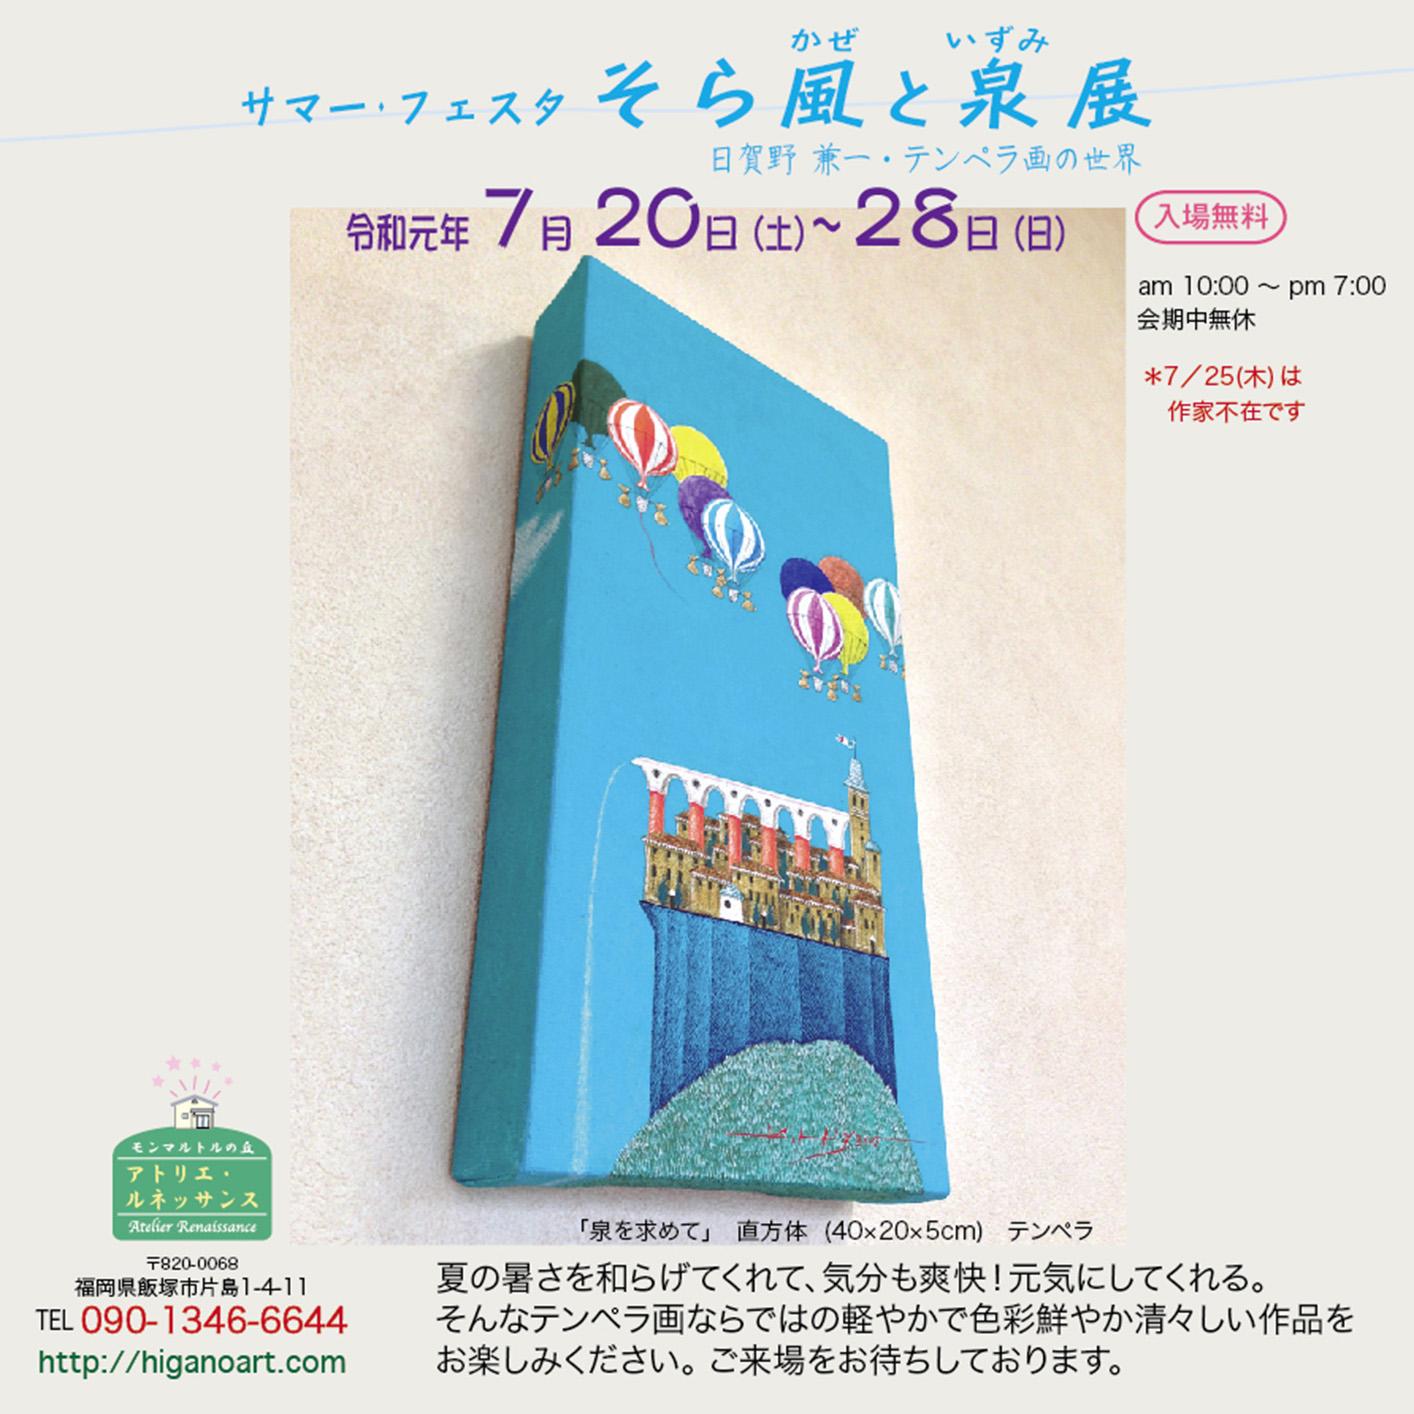 日賀野兼一 サマー・フェスタ そら風と泉展(2019)